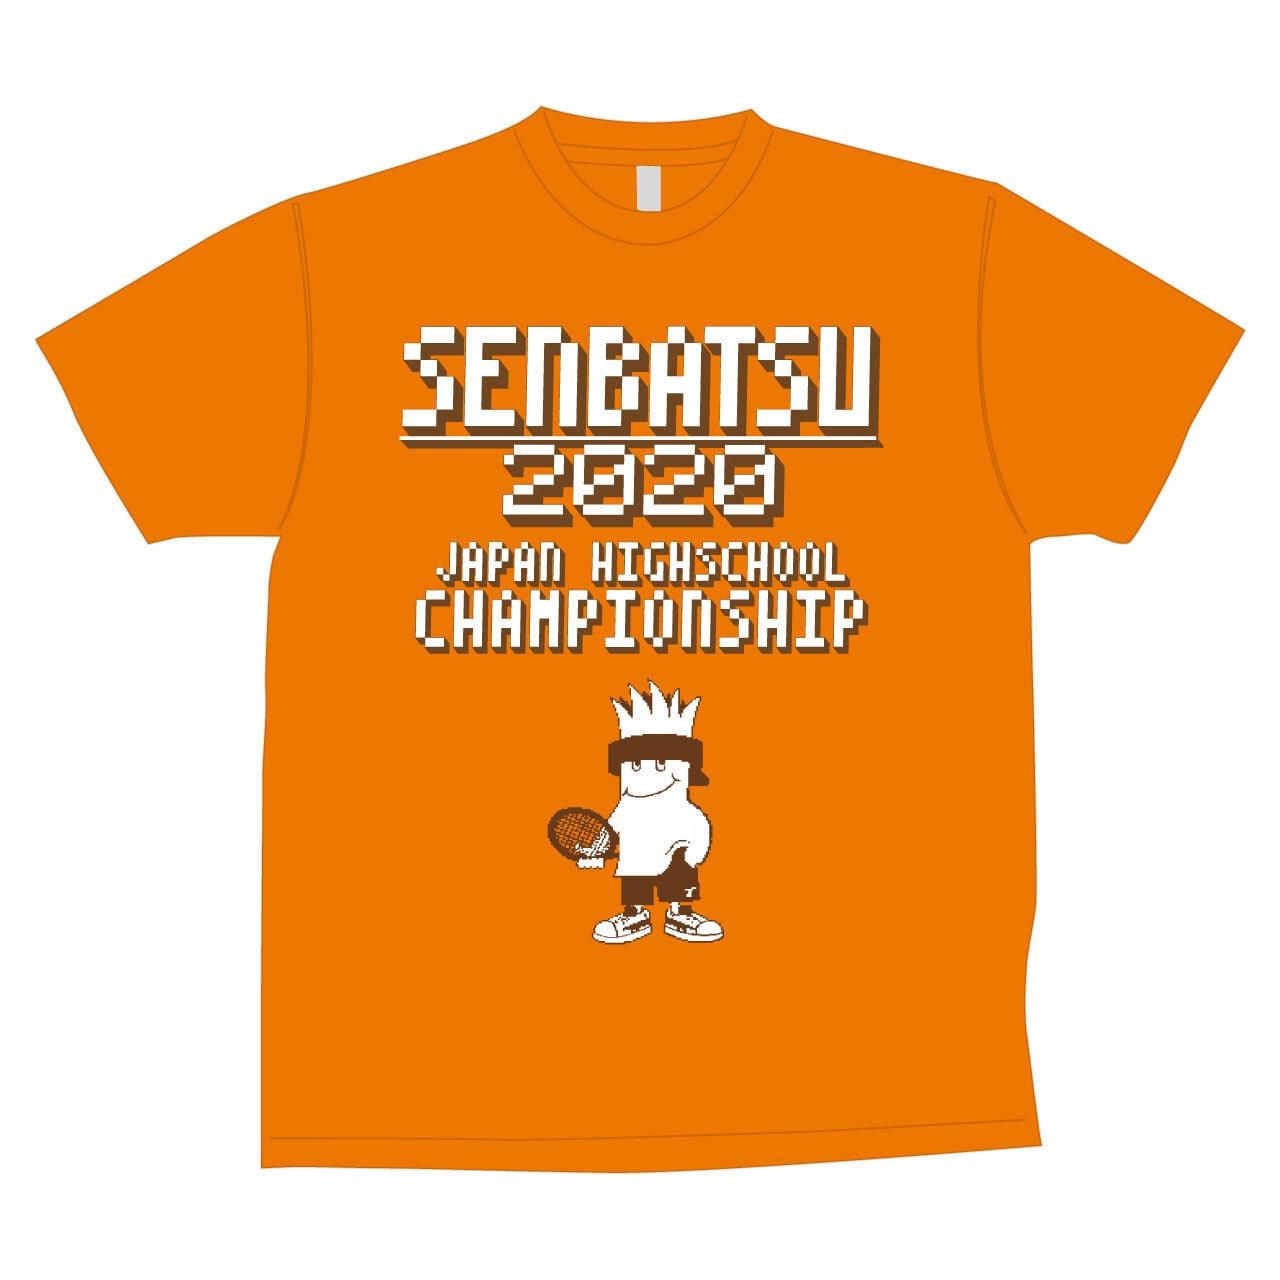 2020年全国高校選抜テニス大会TOALSONオリジナルTシャツ(蛍光オレンジ) 【1ET2001】